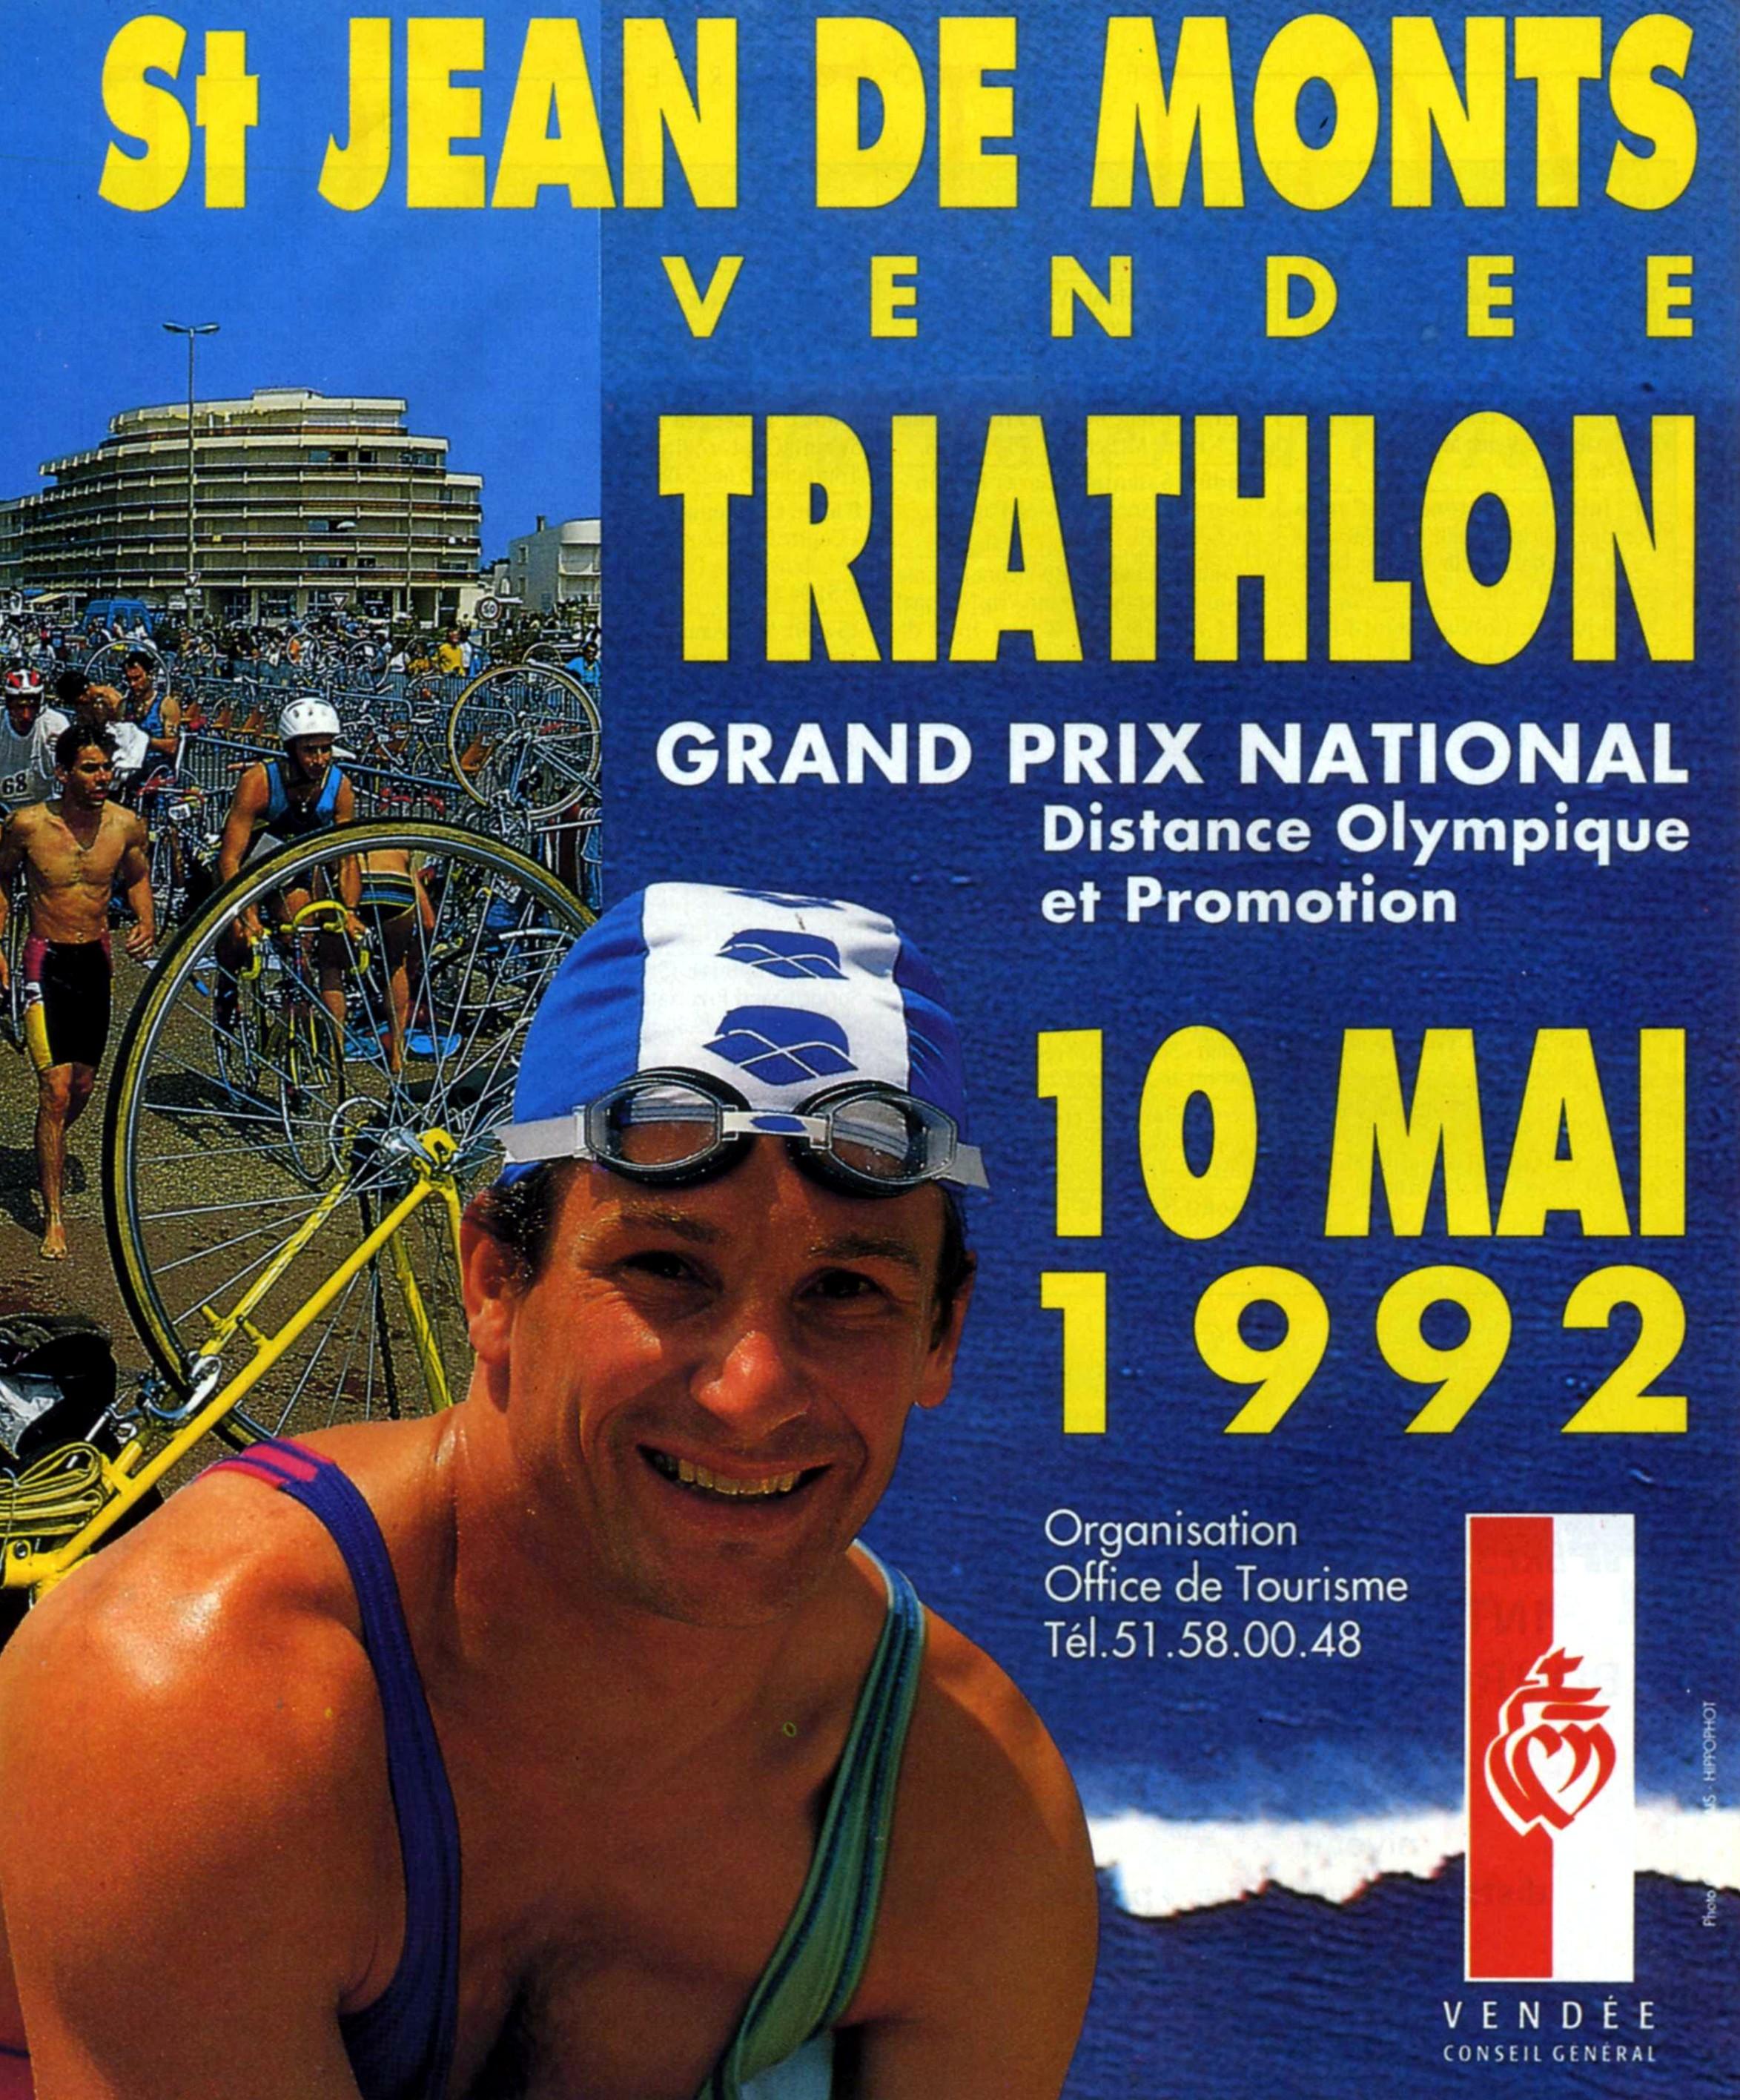 img[A]238_10-mai-1992_saint-jean-de-monts_pub2